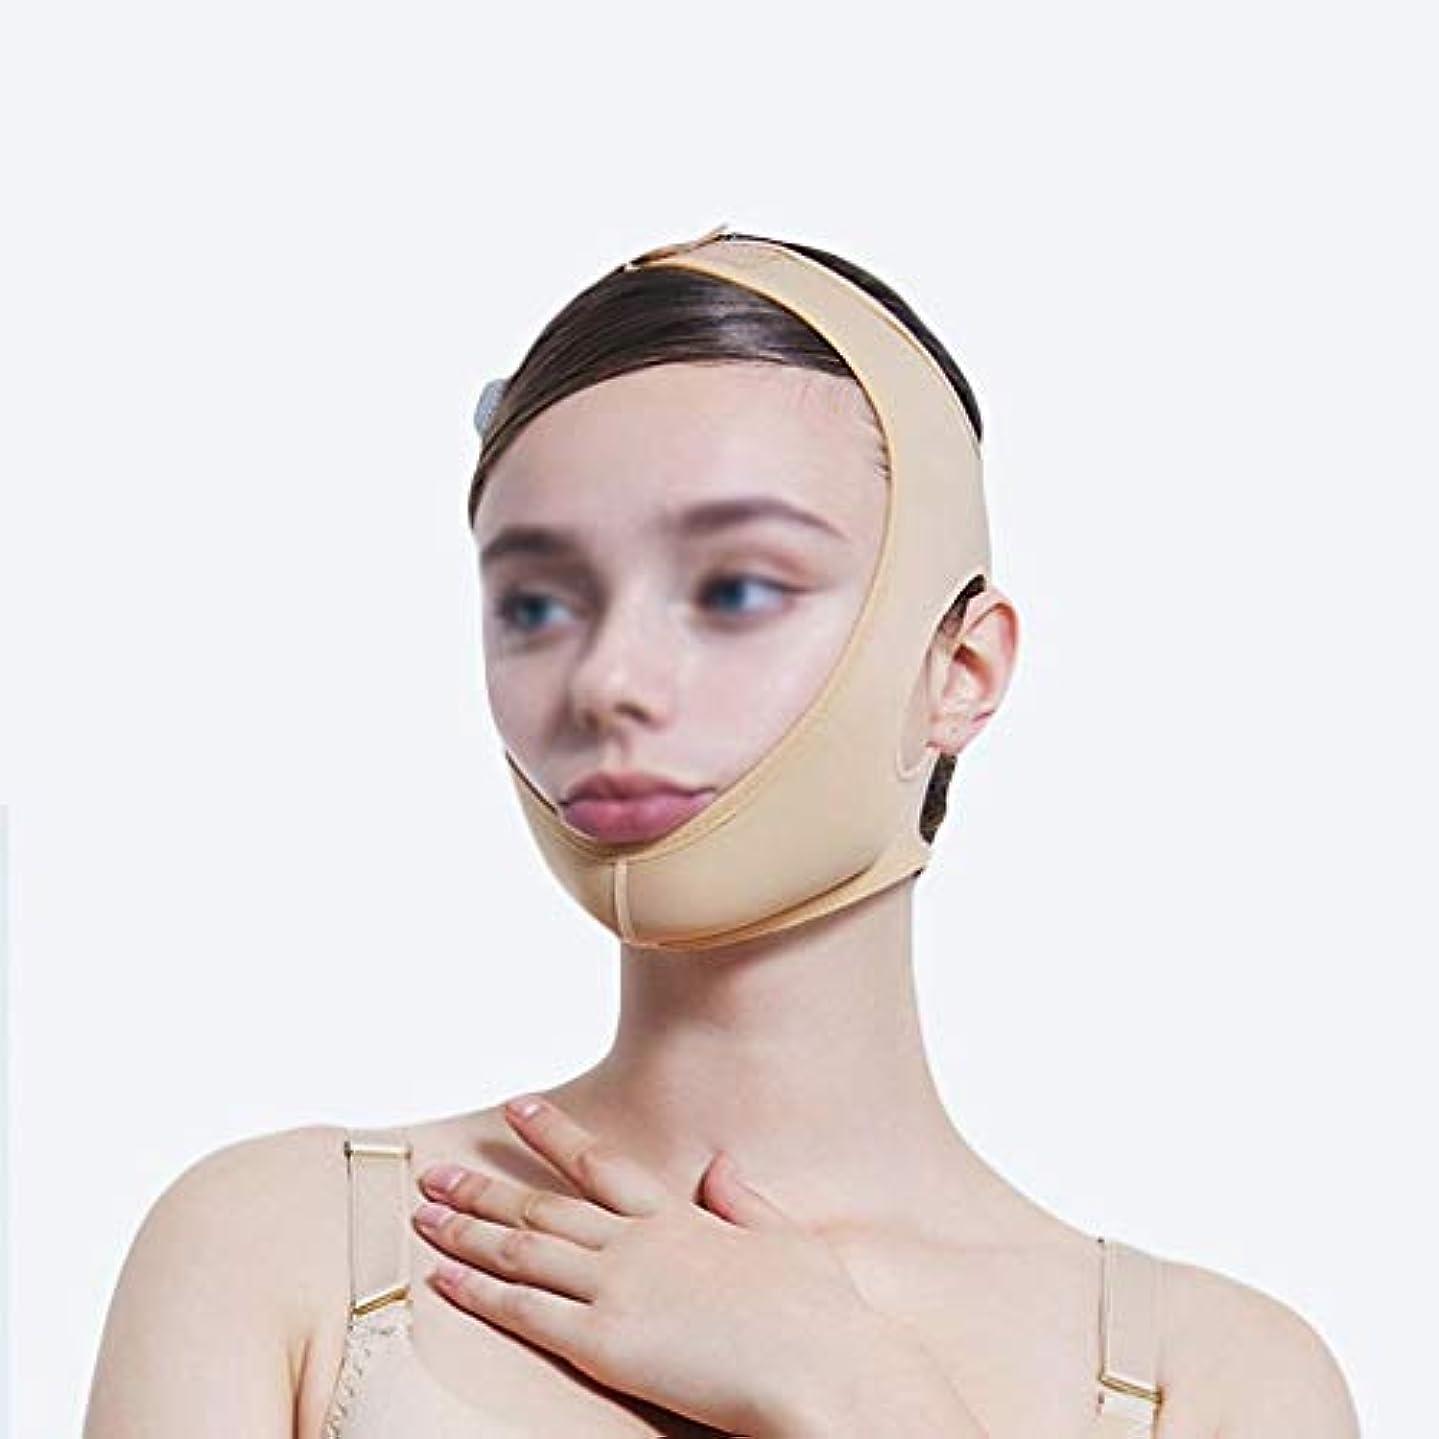 フェイシャルライン、頬、しわ防止フェイシャル減量、フェイスバンド、フェイスマスク、フェイスリフティング、通気性、ダブルチンストラップ(サイズ:XXL),ザ?